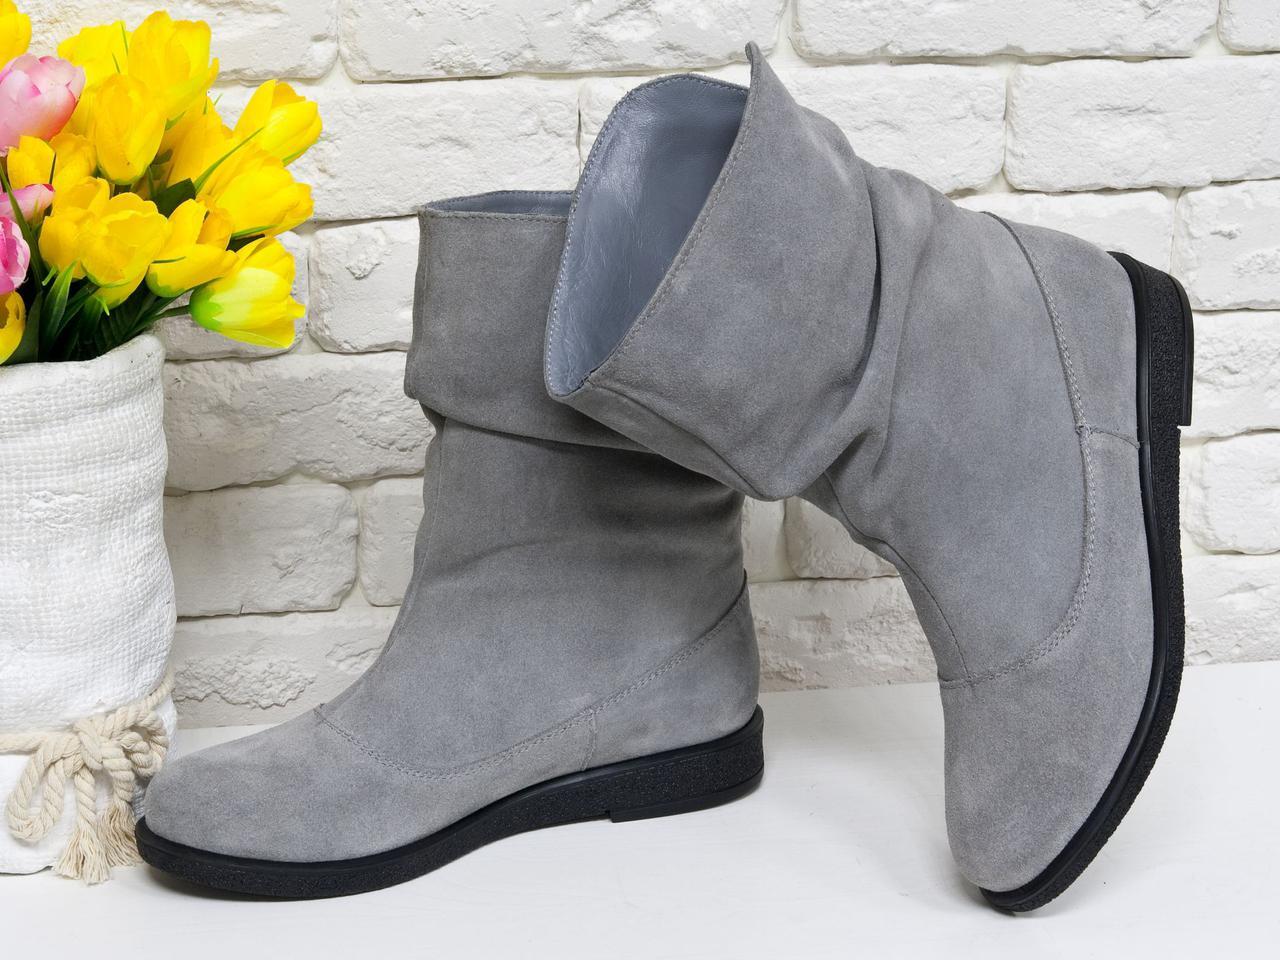 Ботинки женские стильные из натуральной замши без молнии.